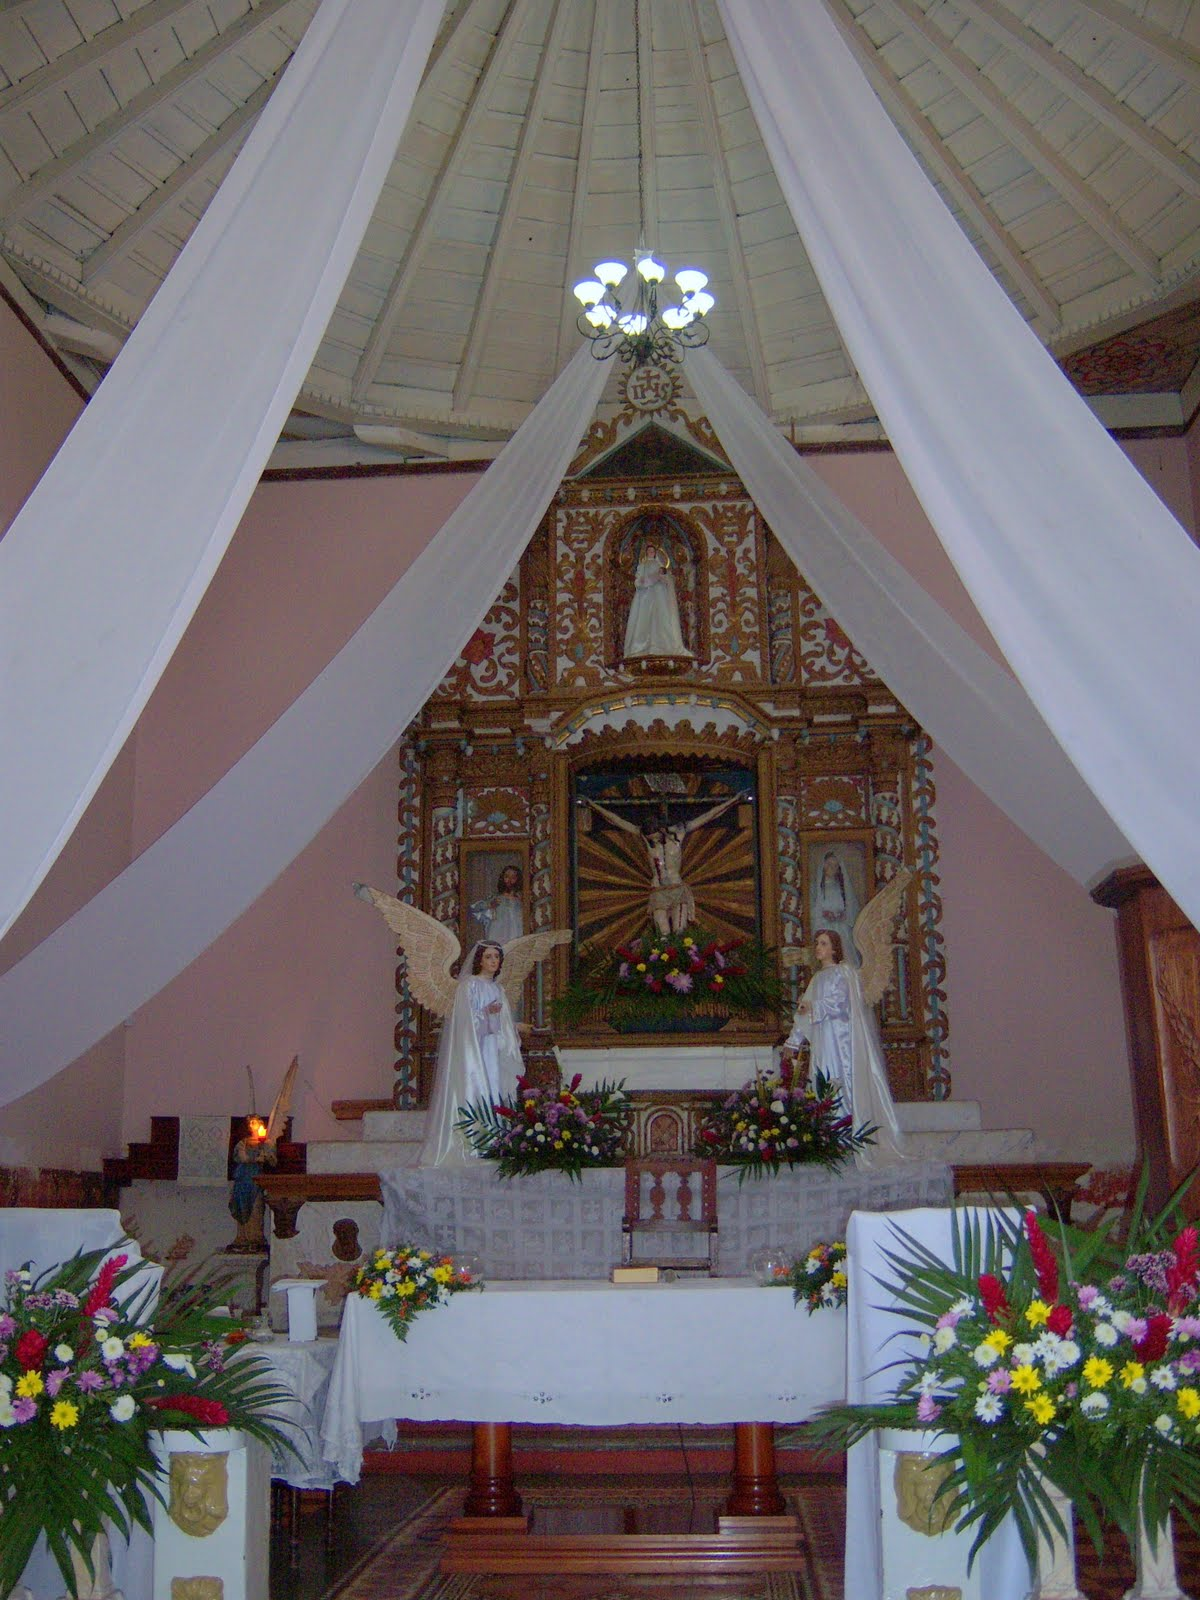 Catholic church wedding decorations church decorated for for Catholic decorations home